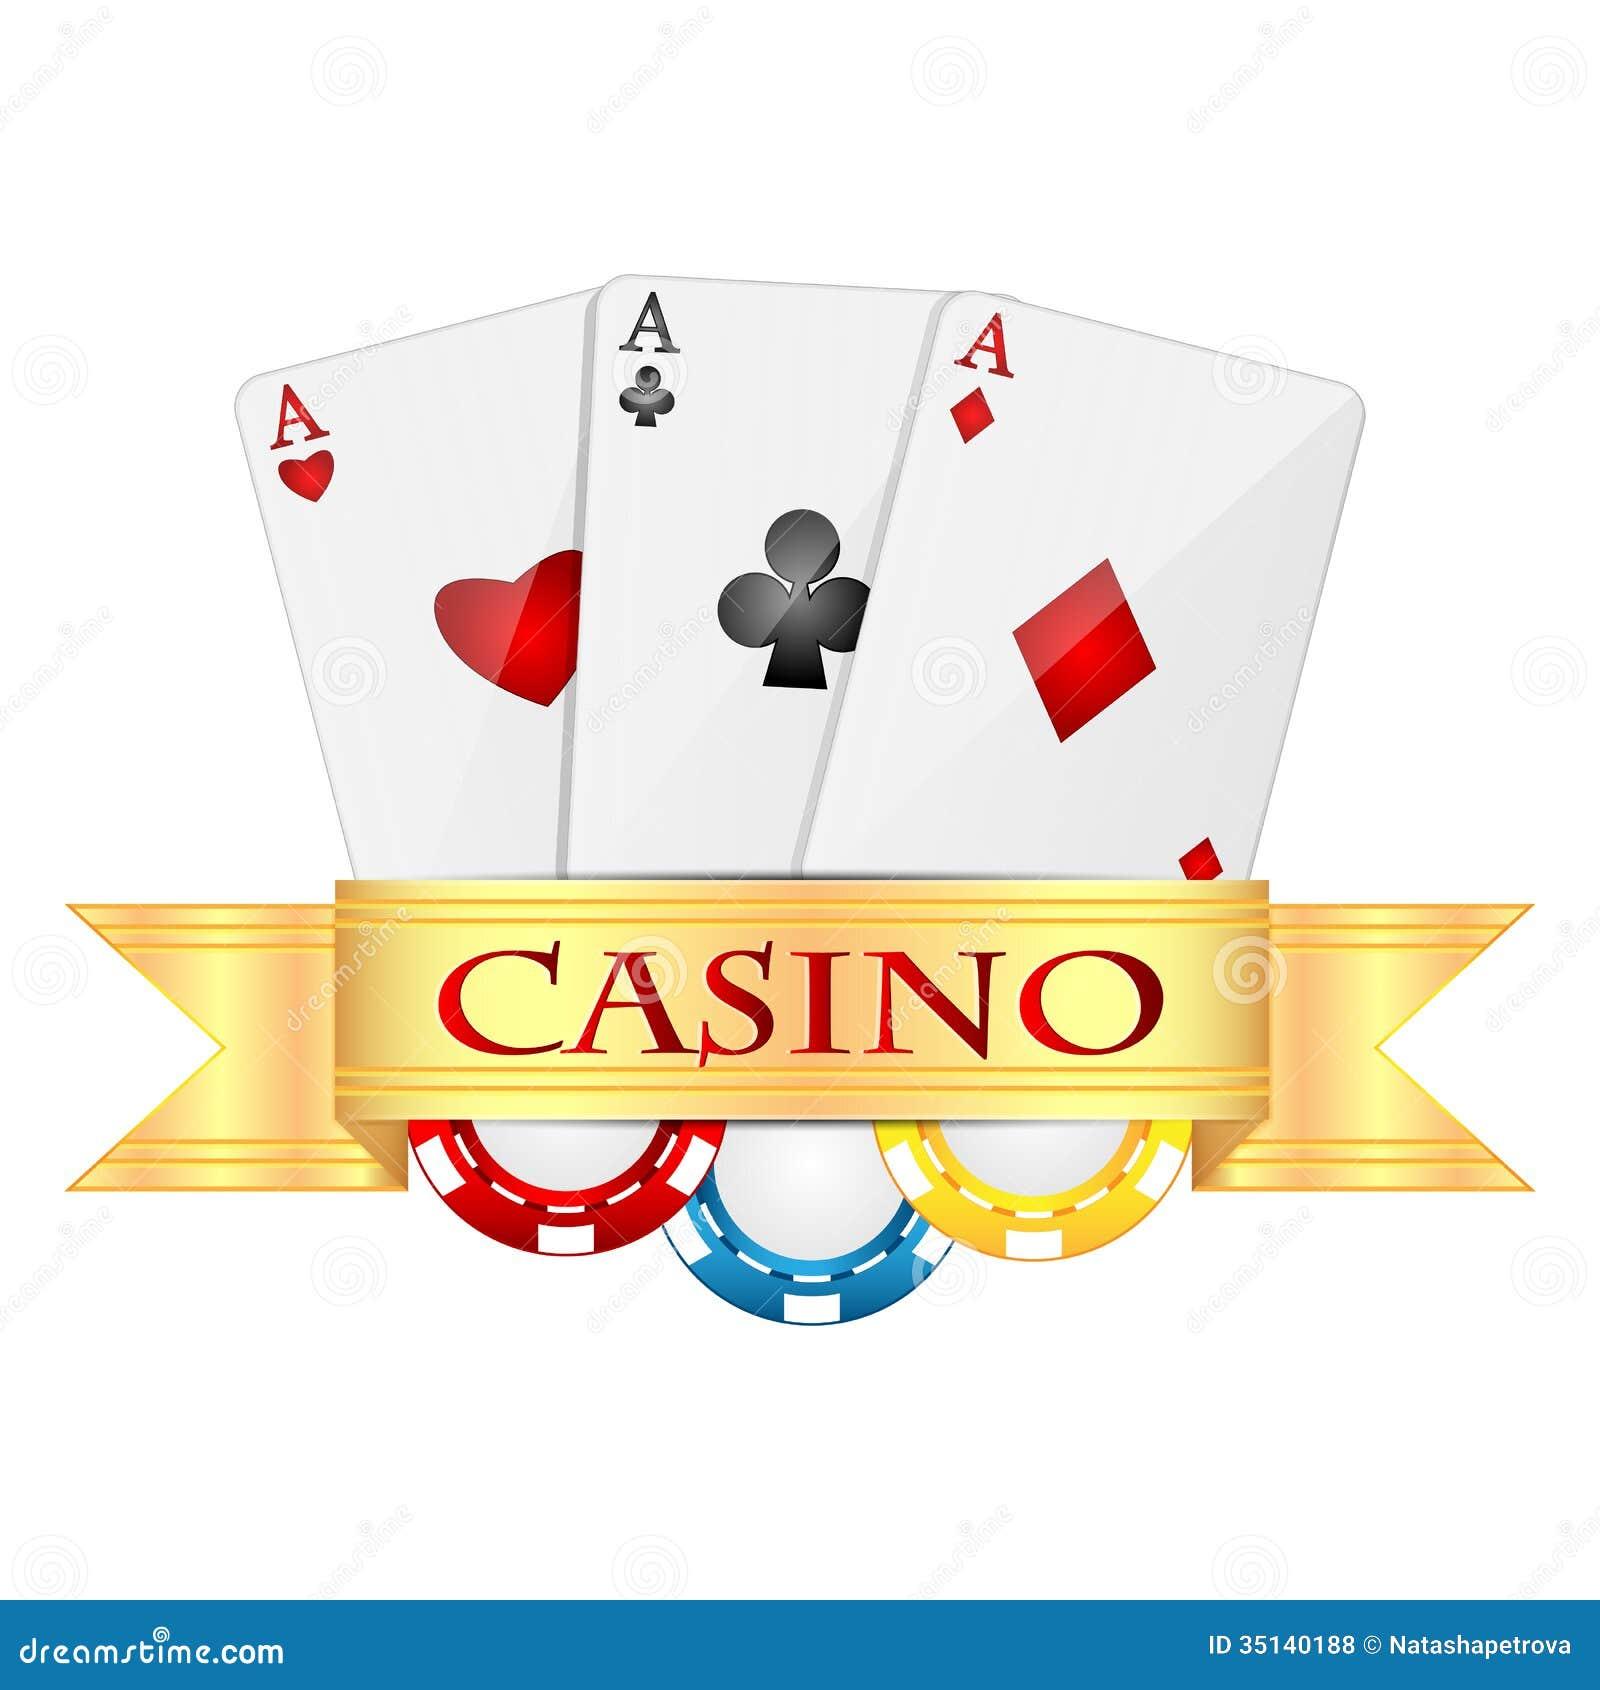 Video poker casino game 12